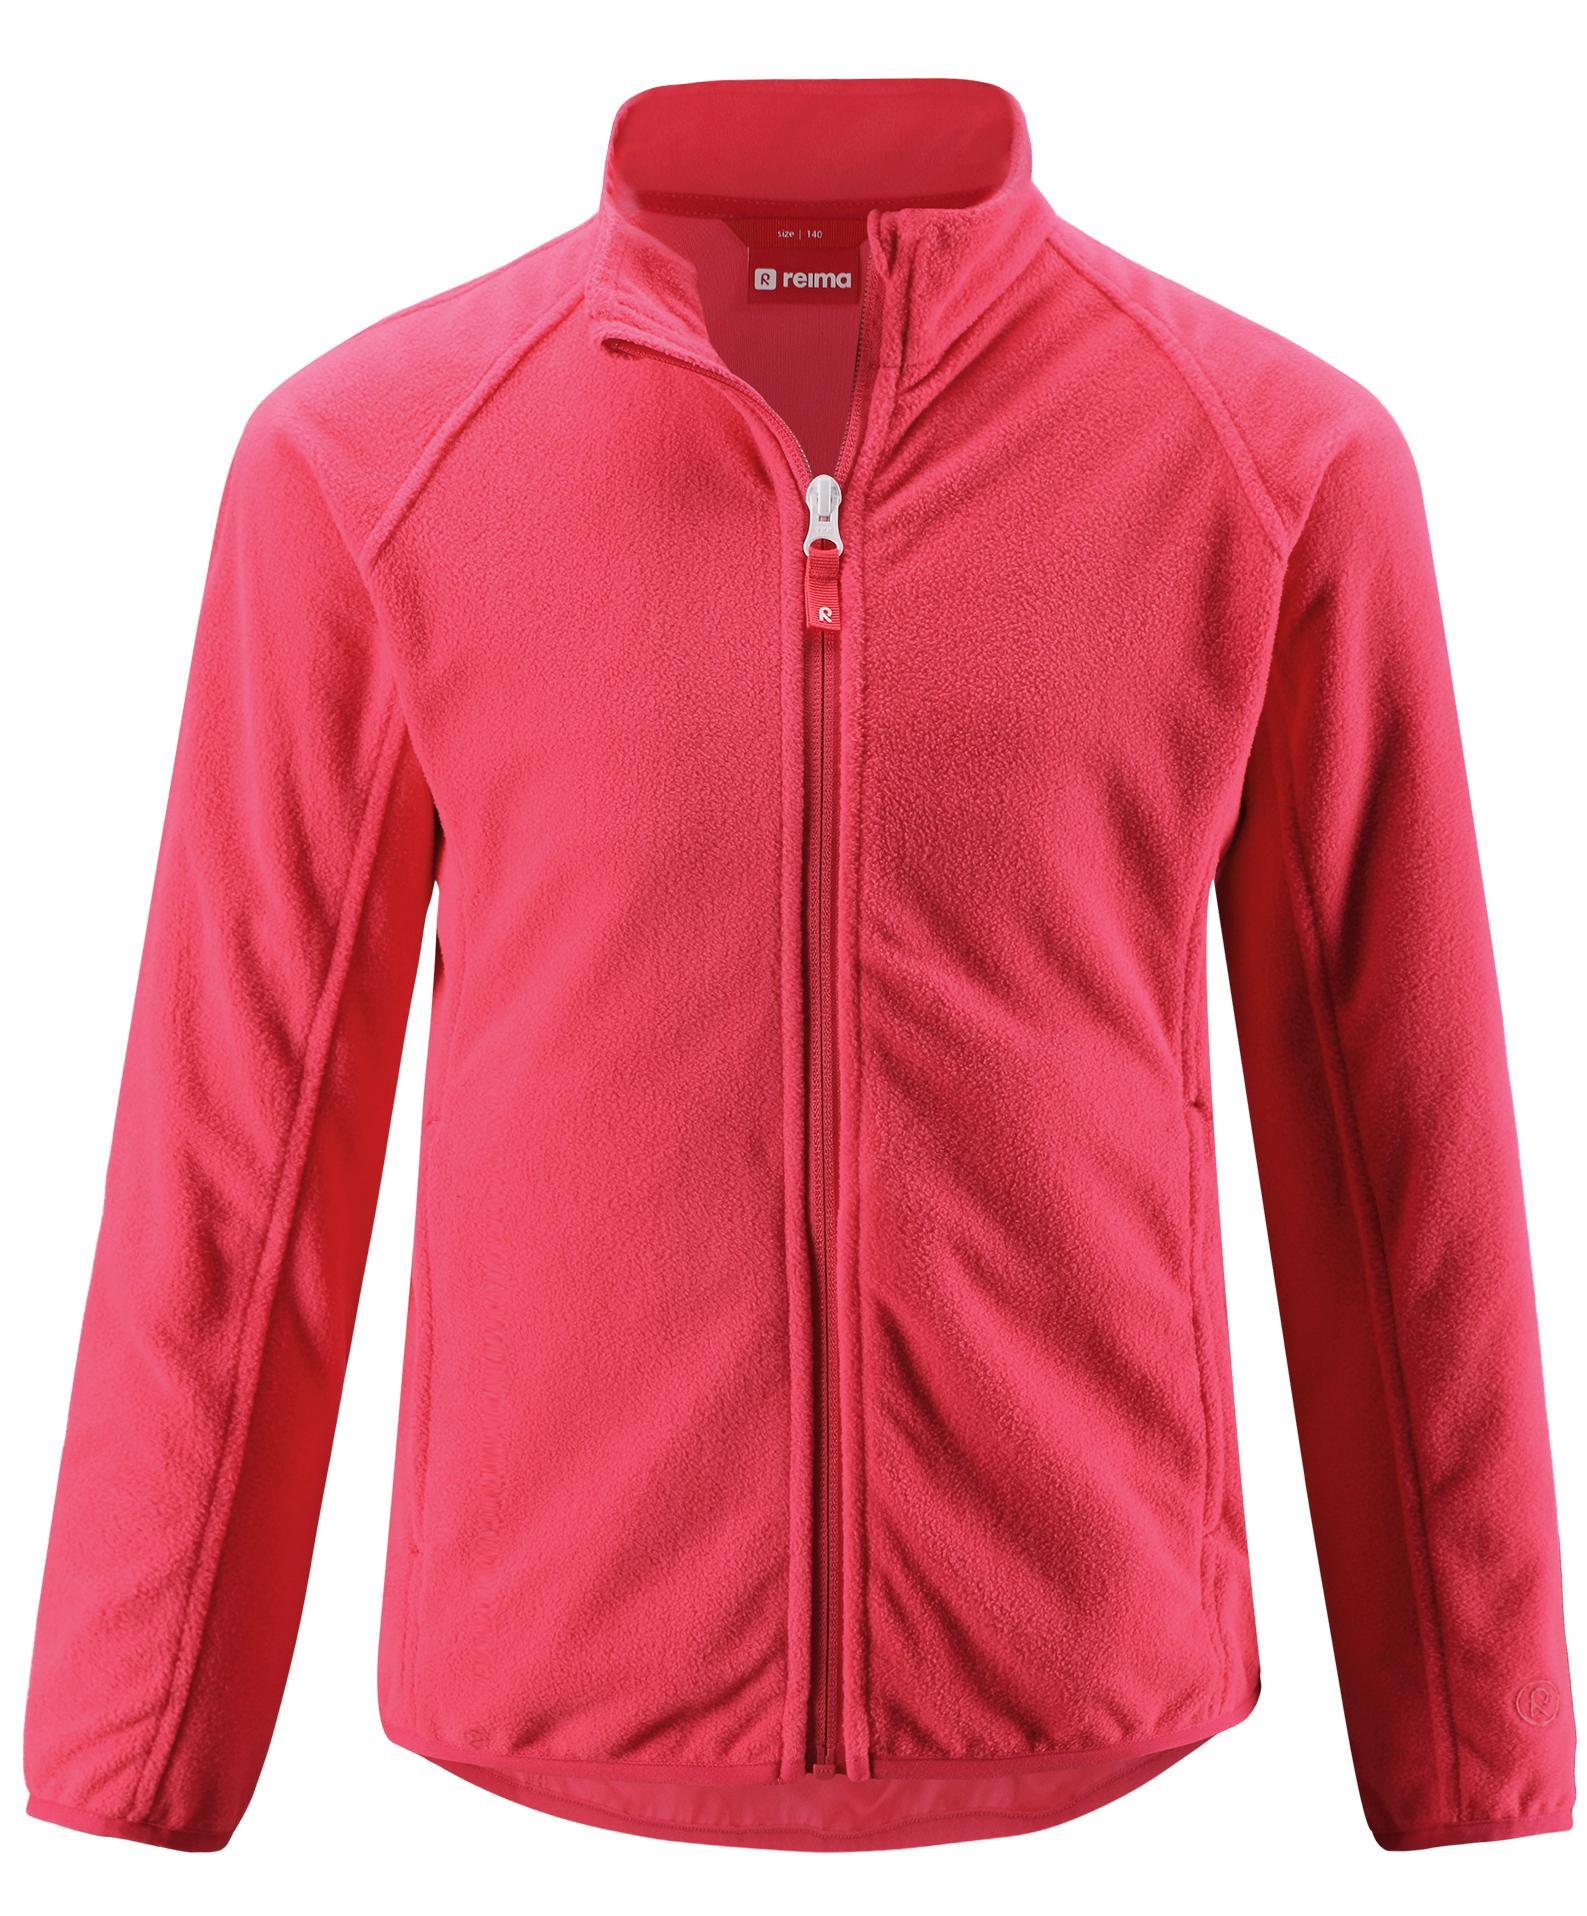 Флис горнолыжный Reima 2018-19 Alagna STRAWBERRY RED, Куртки из Polartec и флиса - арт. 1117600330